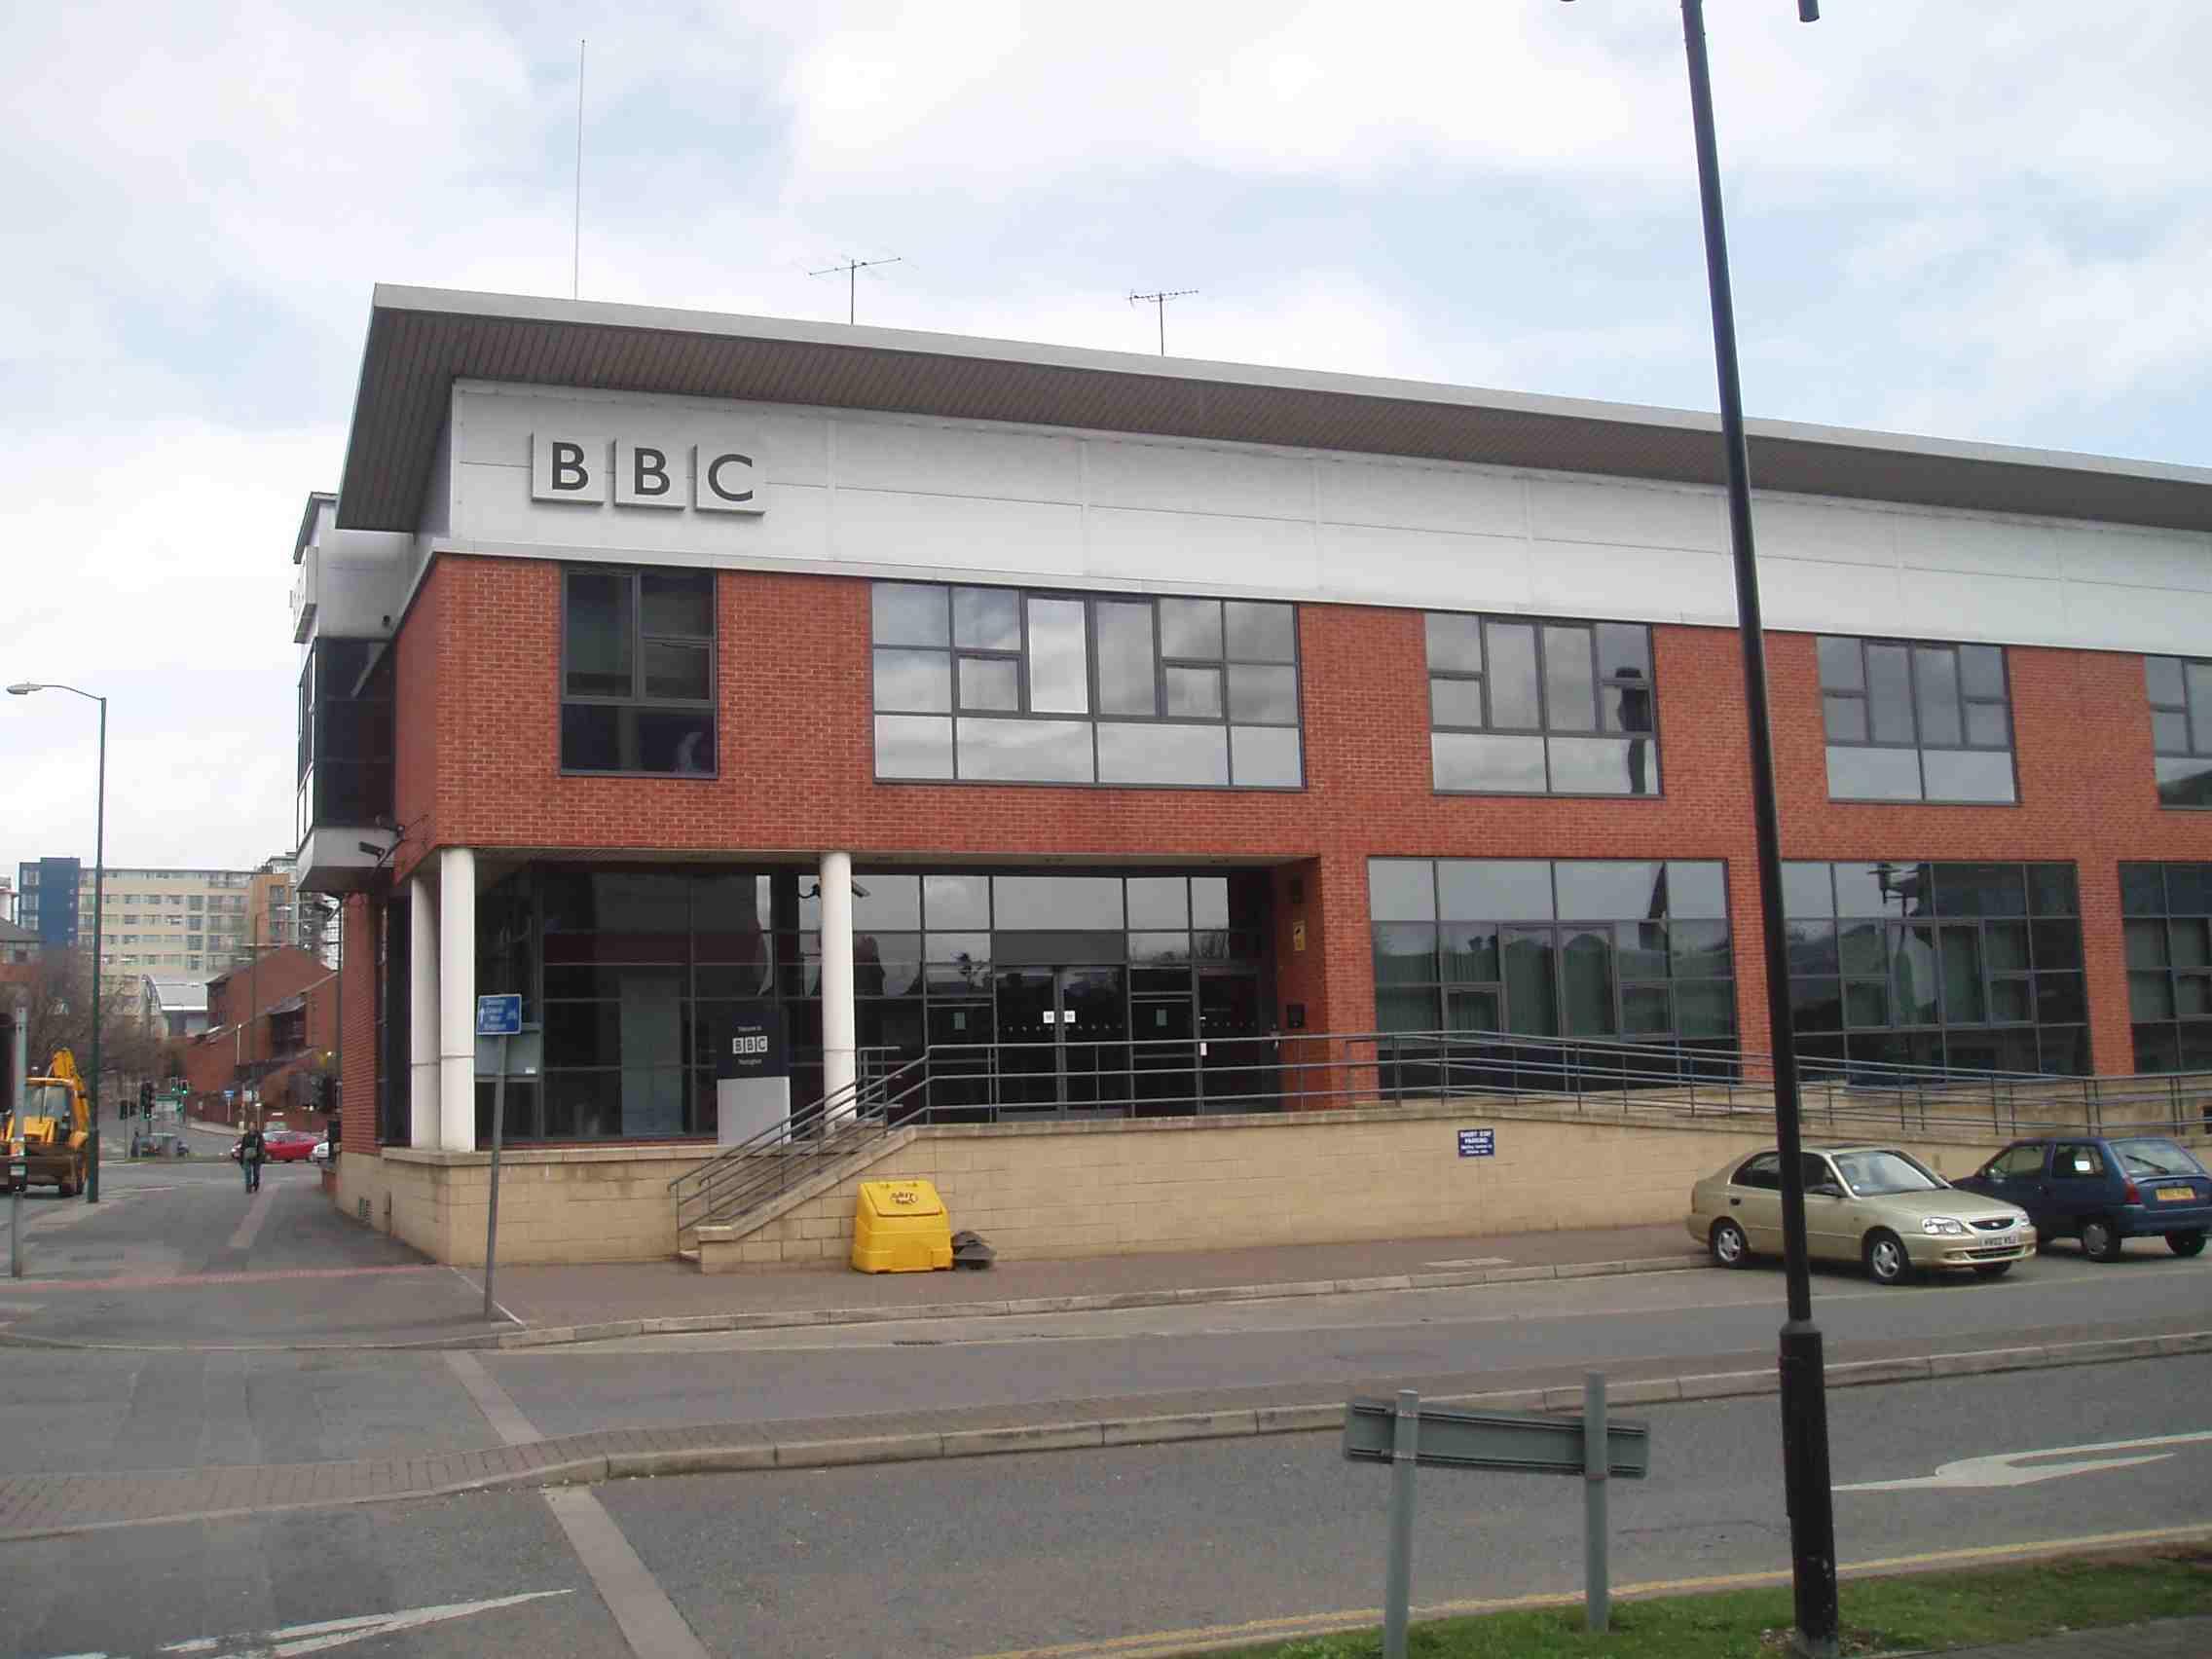 BBC studios in Nottingham